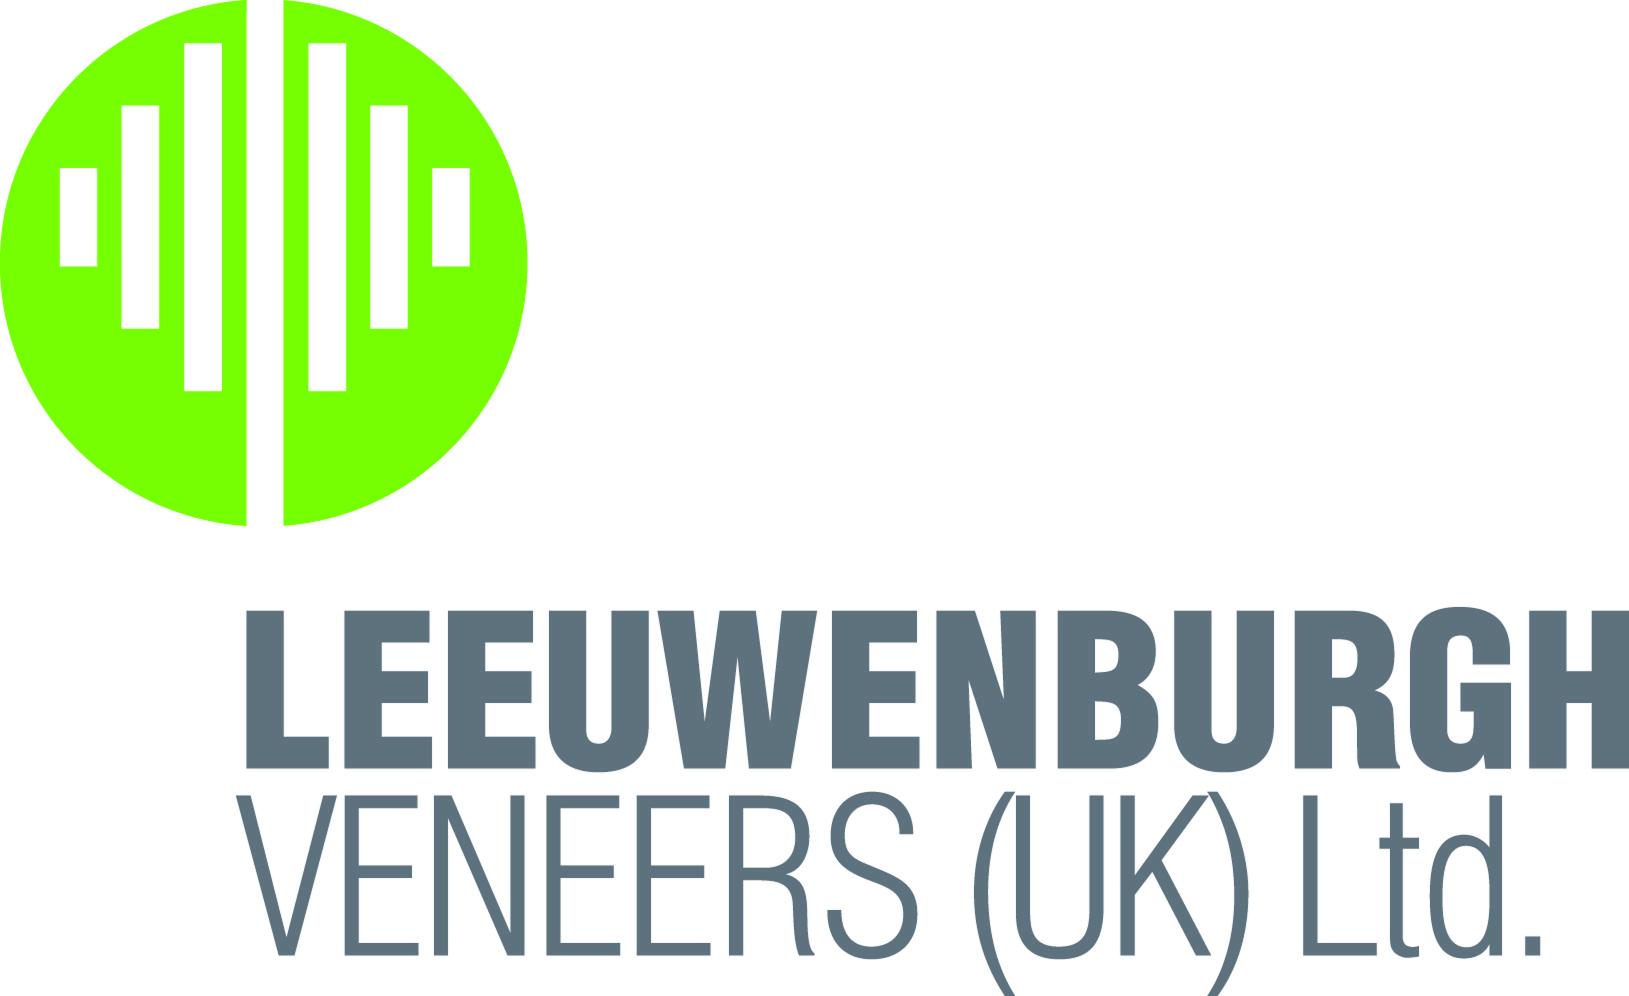 Leeuwenburgh Veneers Ltd